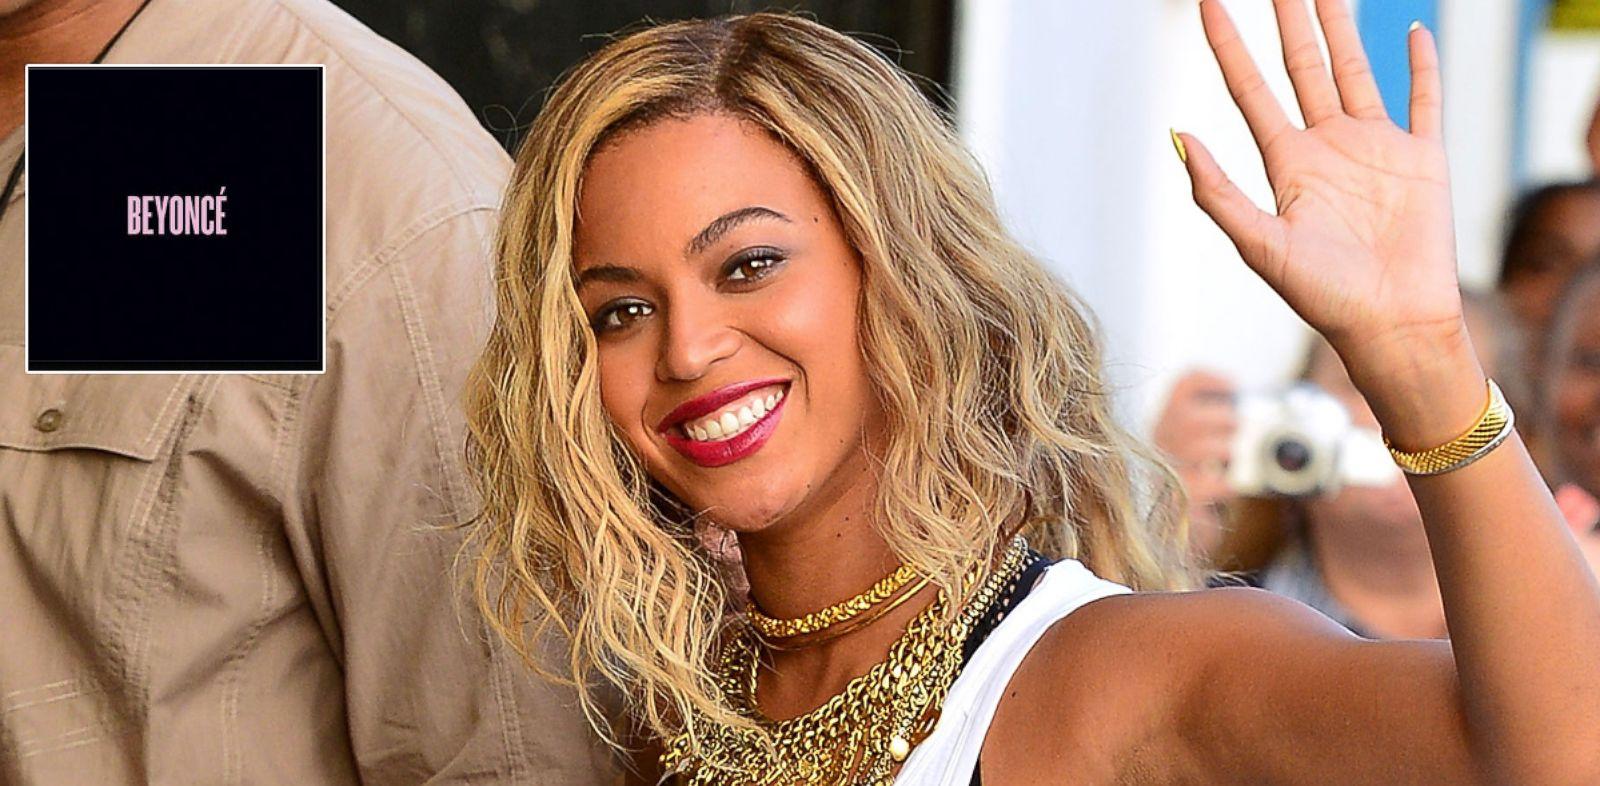 PHOTO: Beyoncés visual album broke iTunes records after its Dec. 13, 2013 release.